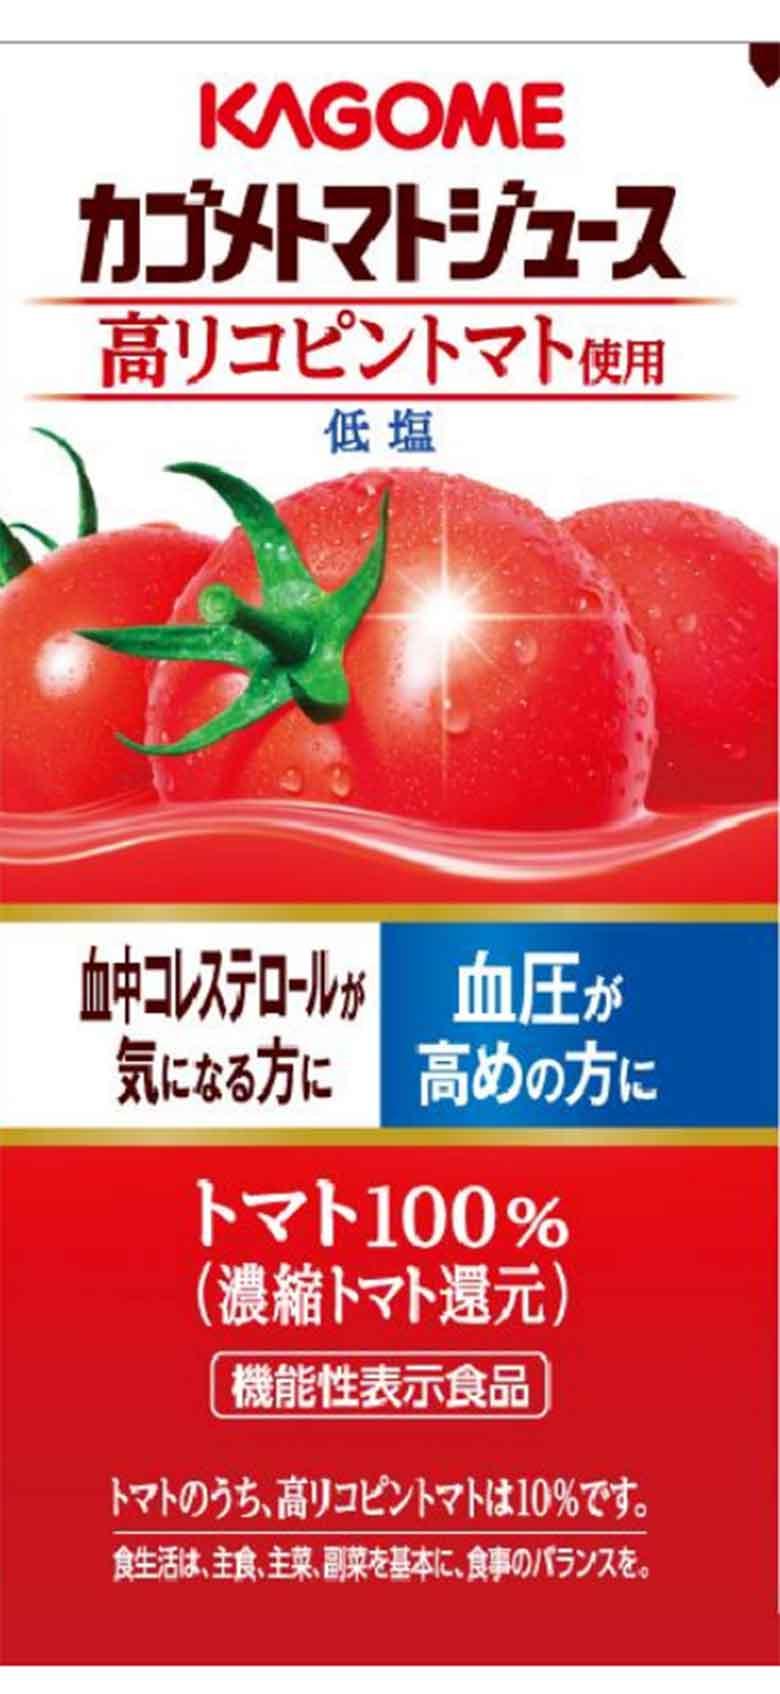 KAGOME(カゴメ)カゴメトマトジュース高リコピントマト使用低塩